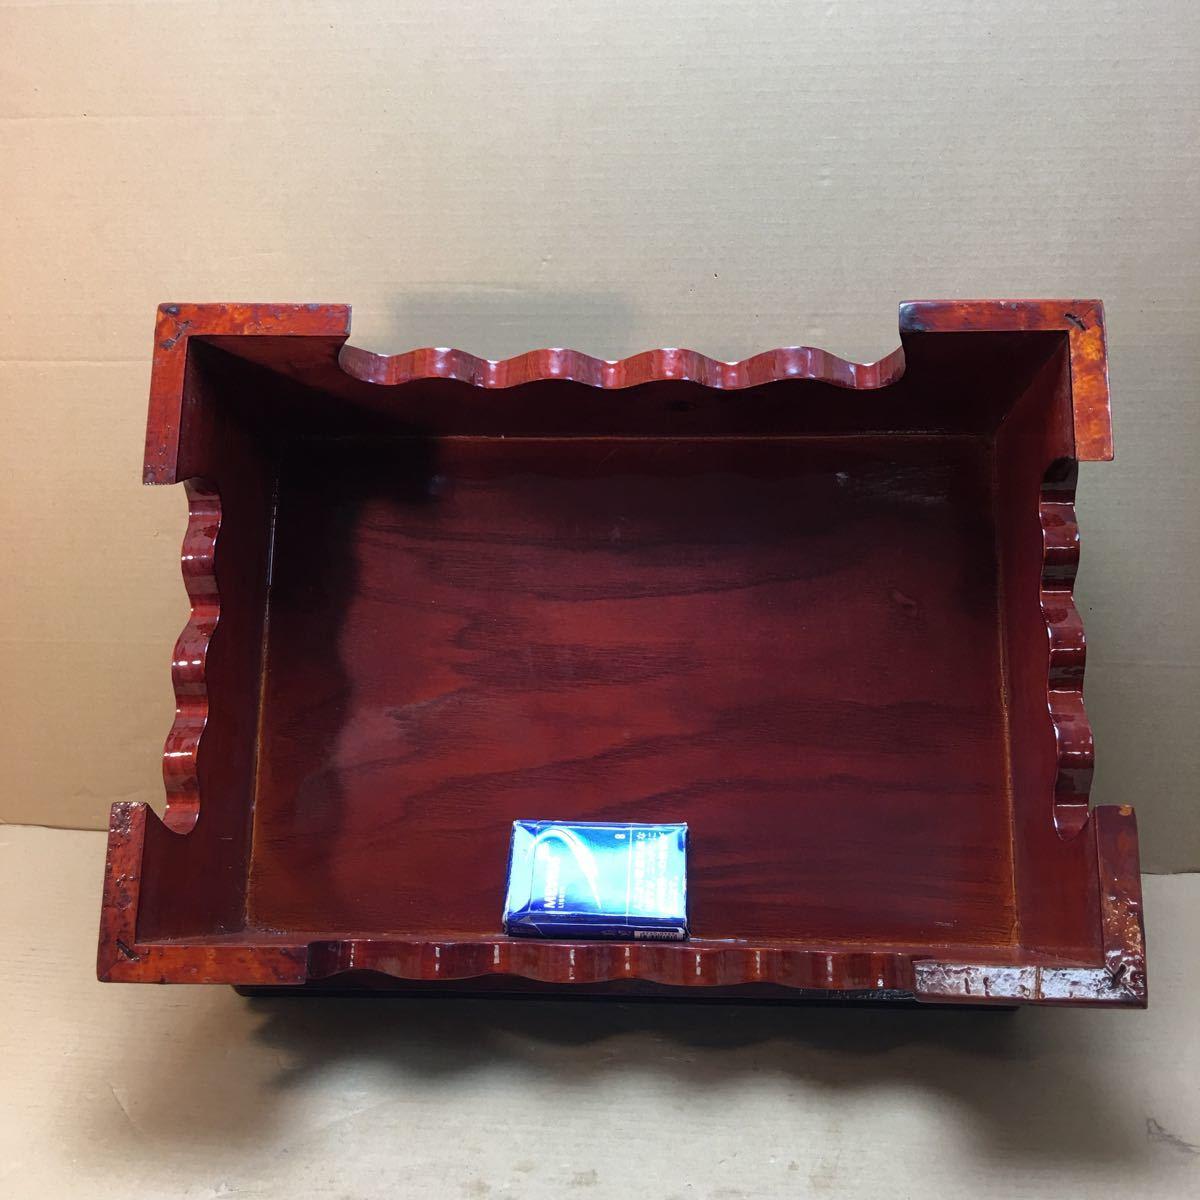 中国美術 漆塗蘭花装飾花台 長方花台 飾り台 盆栽台 香炉台 華道具 茶道具 45×33×16cm_画像7